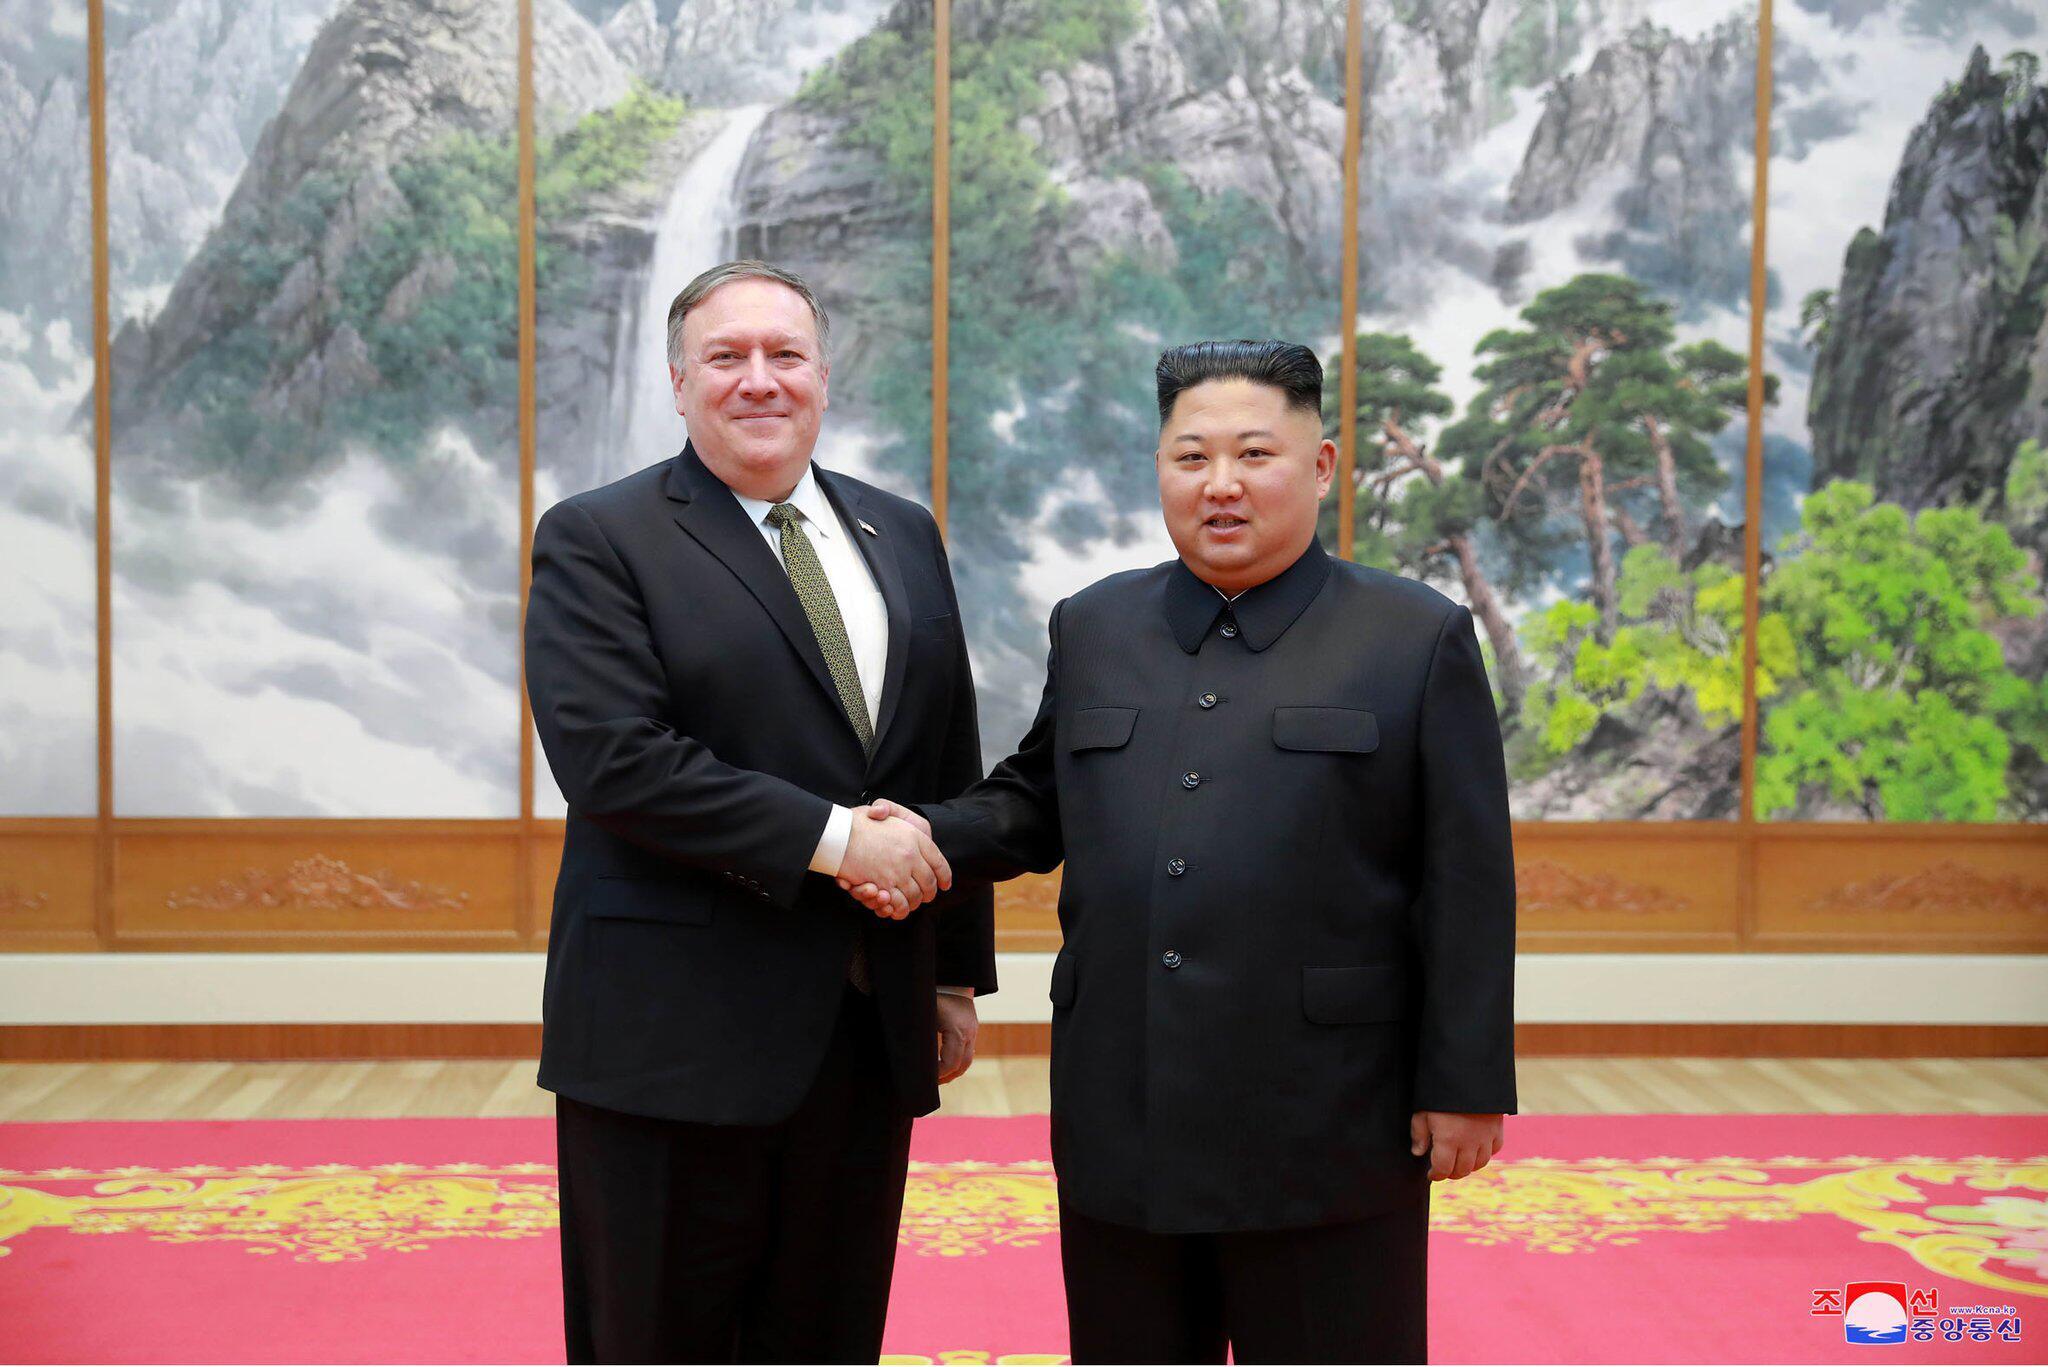 Bild zu Außenminister der USA Pompeo besucht Nordkorea